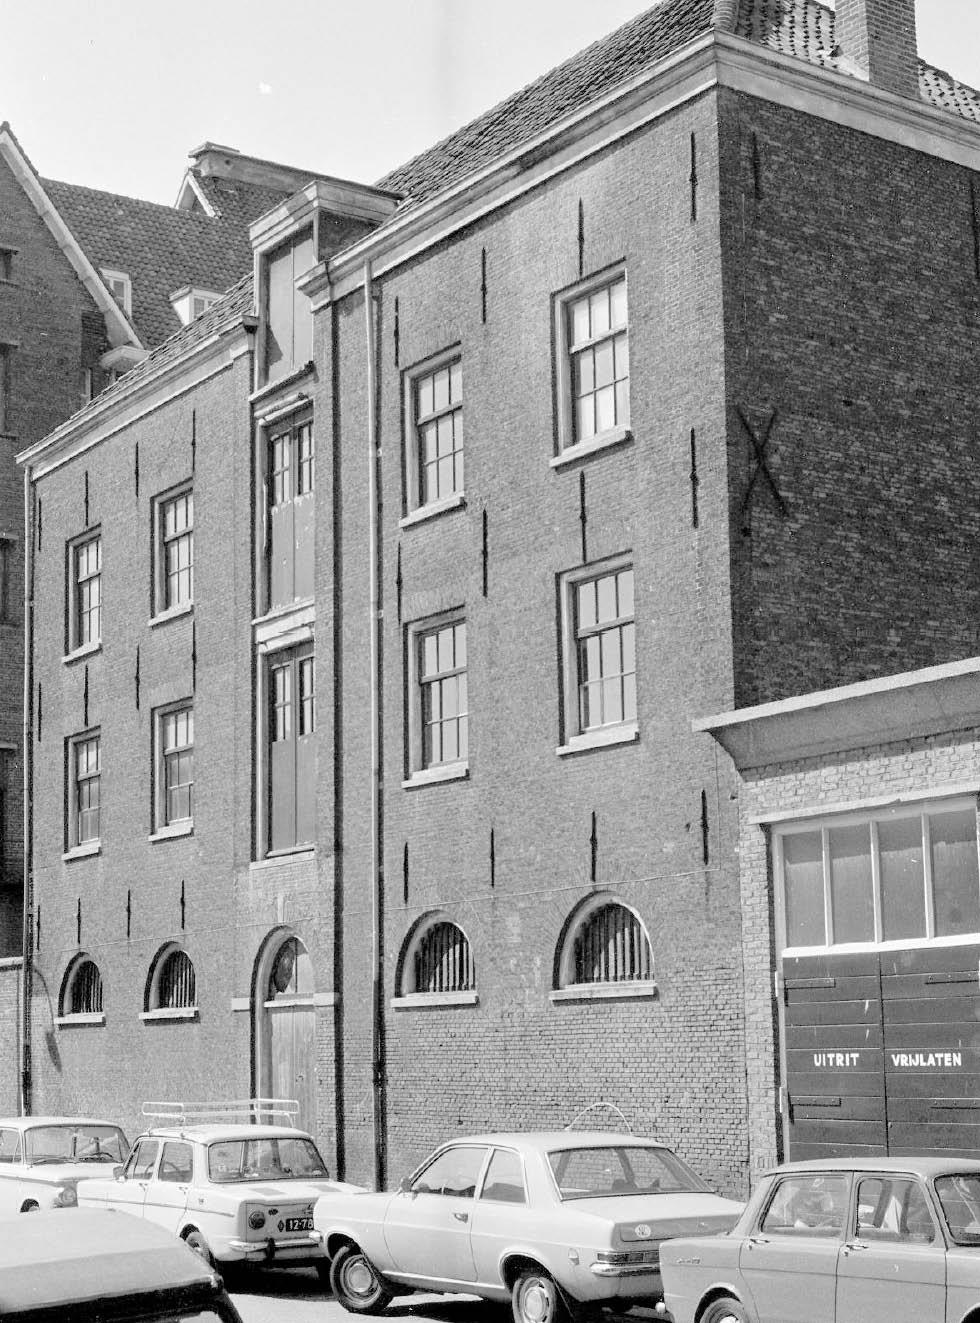 Pakhuis architectuur Middelstegracht medio jaren 70